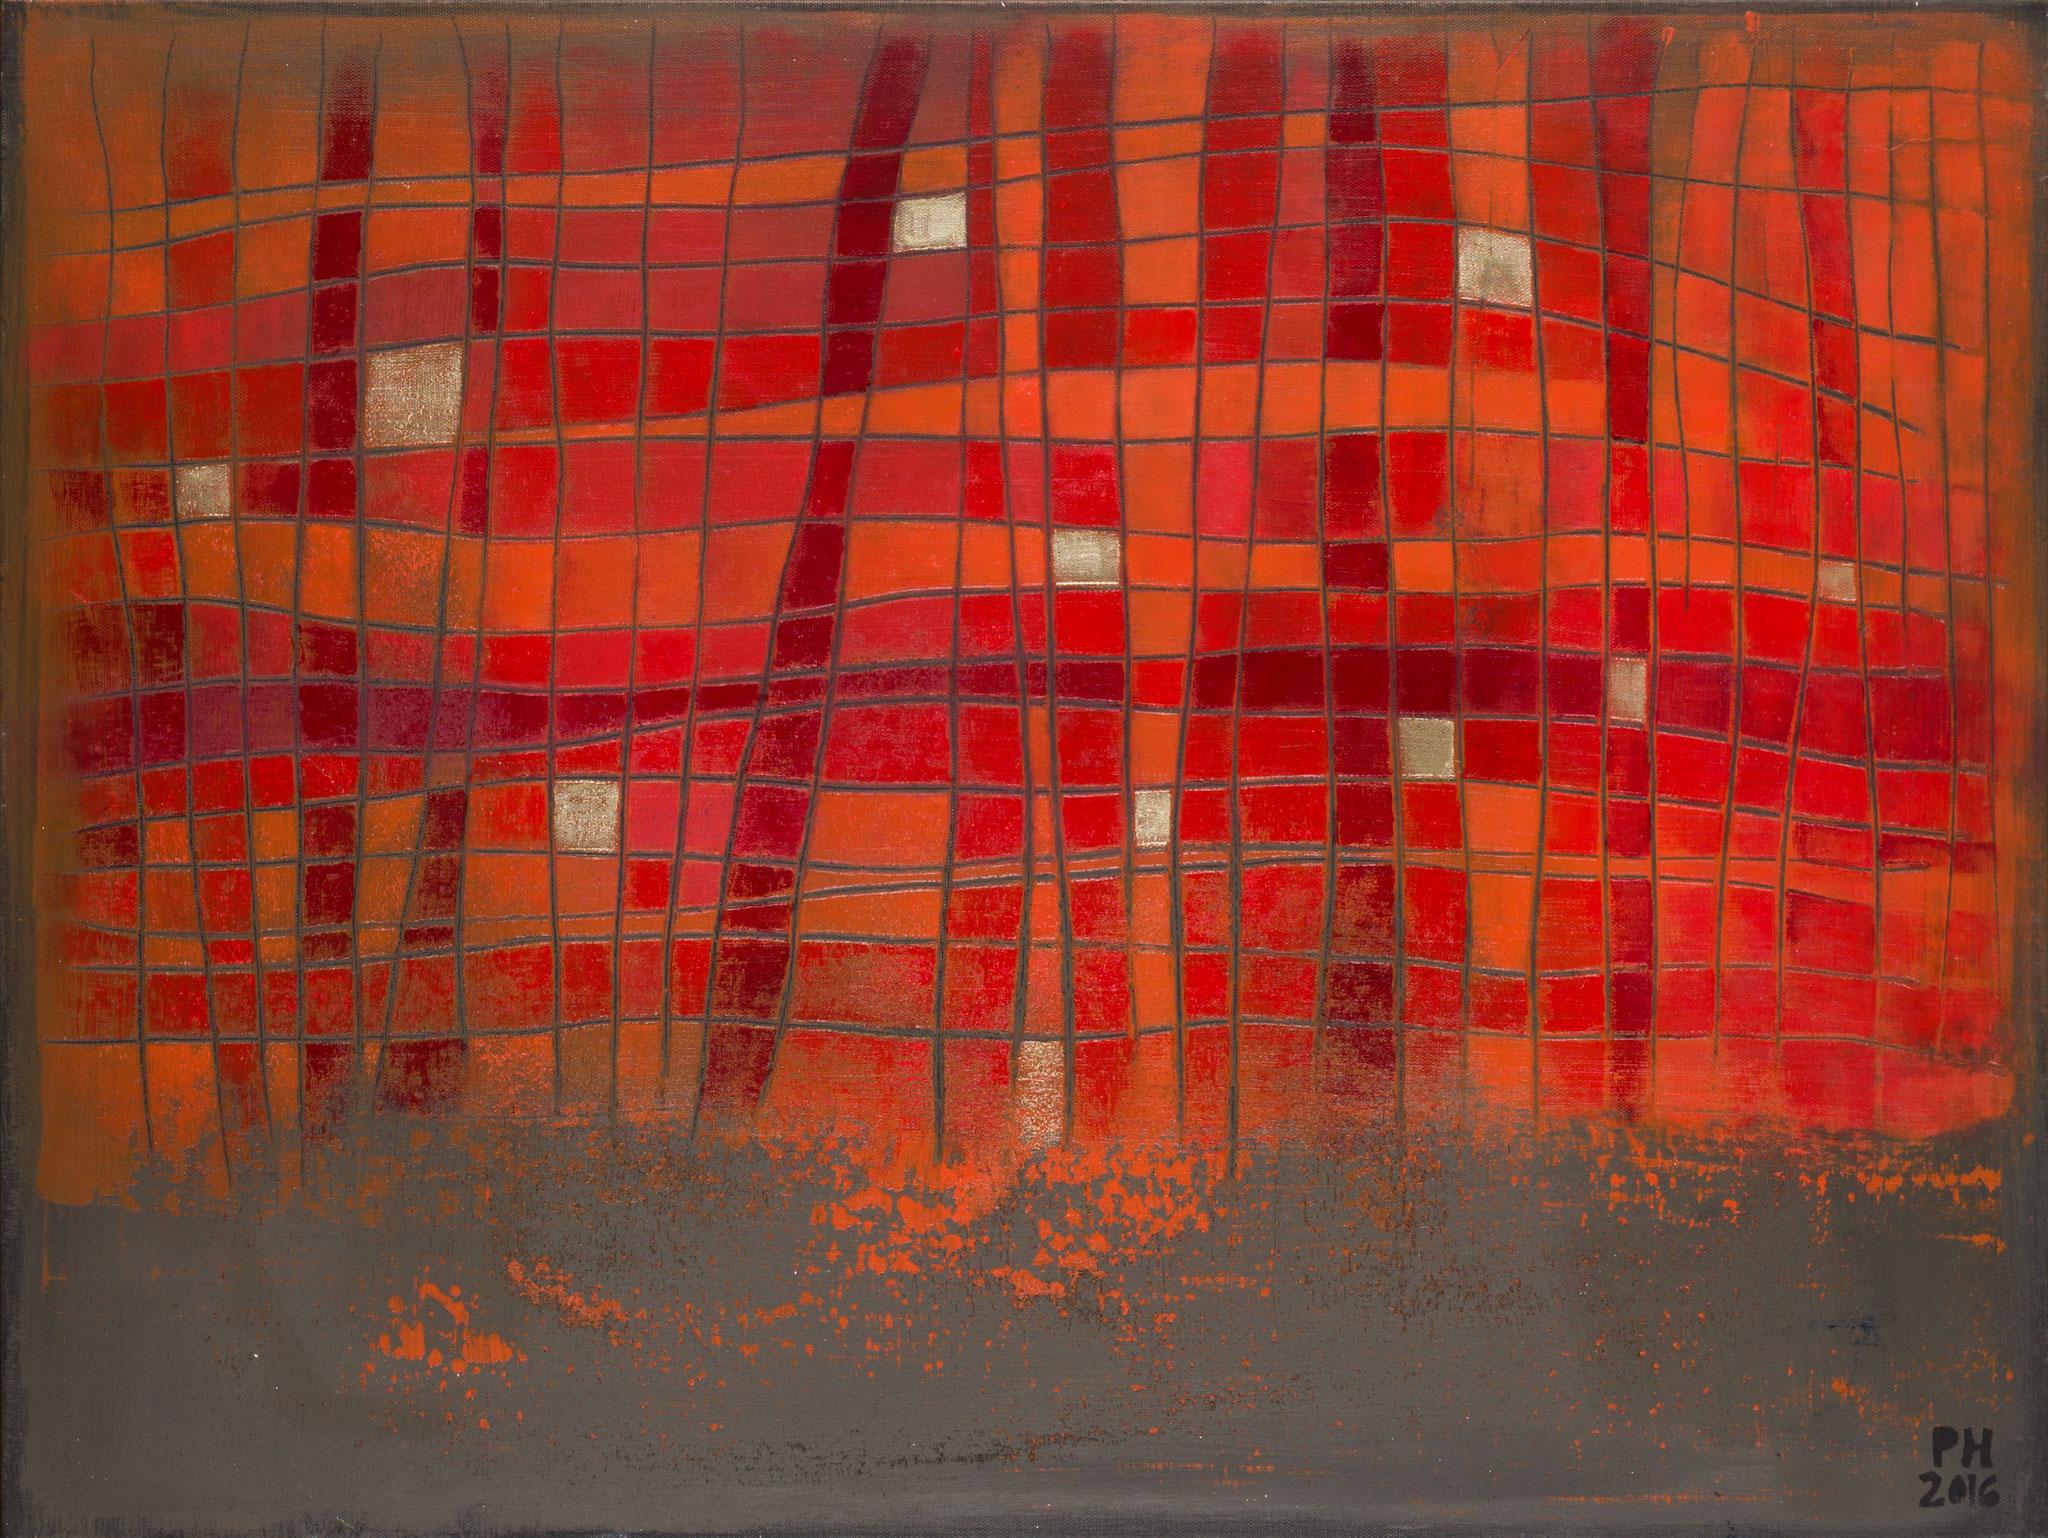 No. 54 - Mischtechnik Acryl auf Leinwand 60x80 cm (2016)